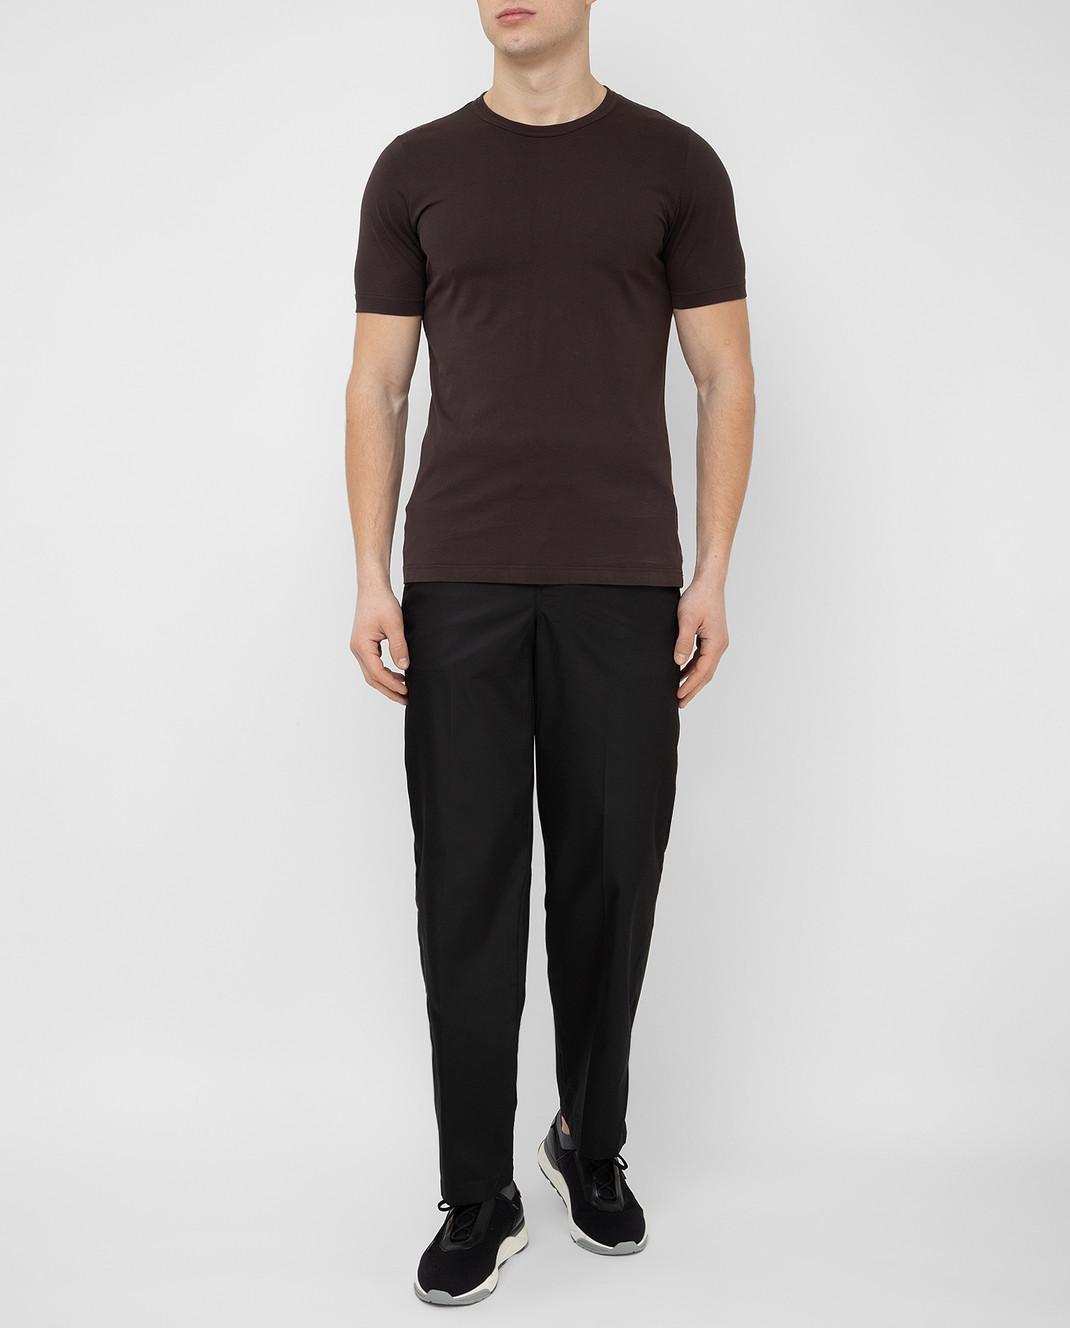 Prada Sport Черные брюки SPG30I18 изображение 2